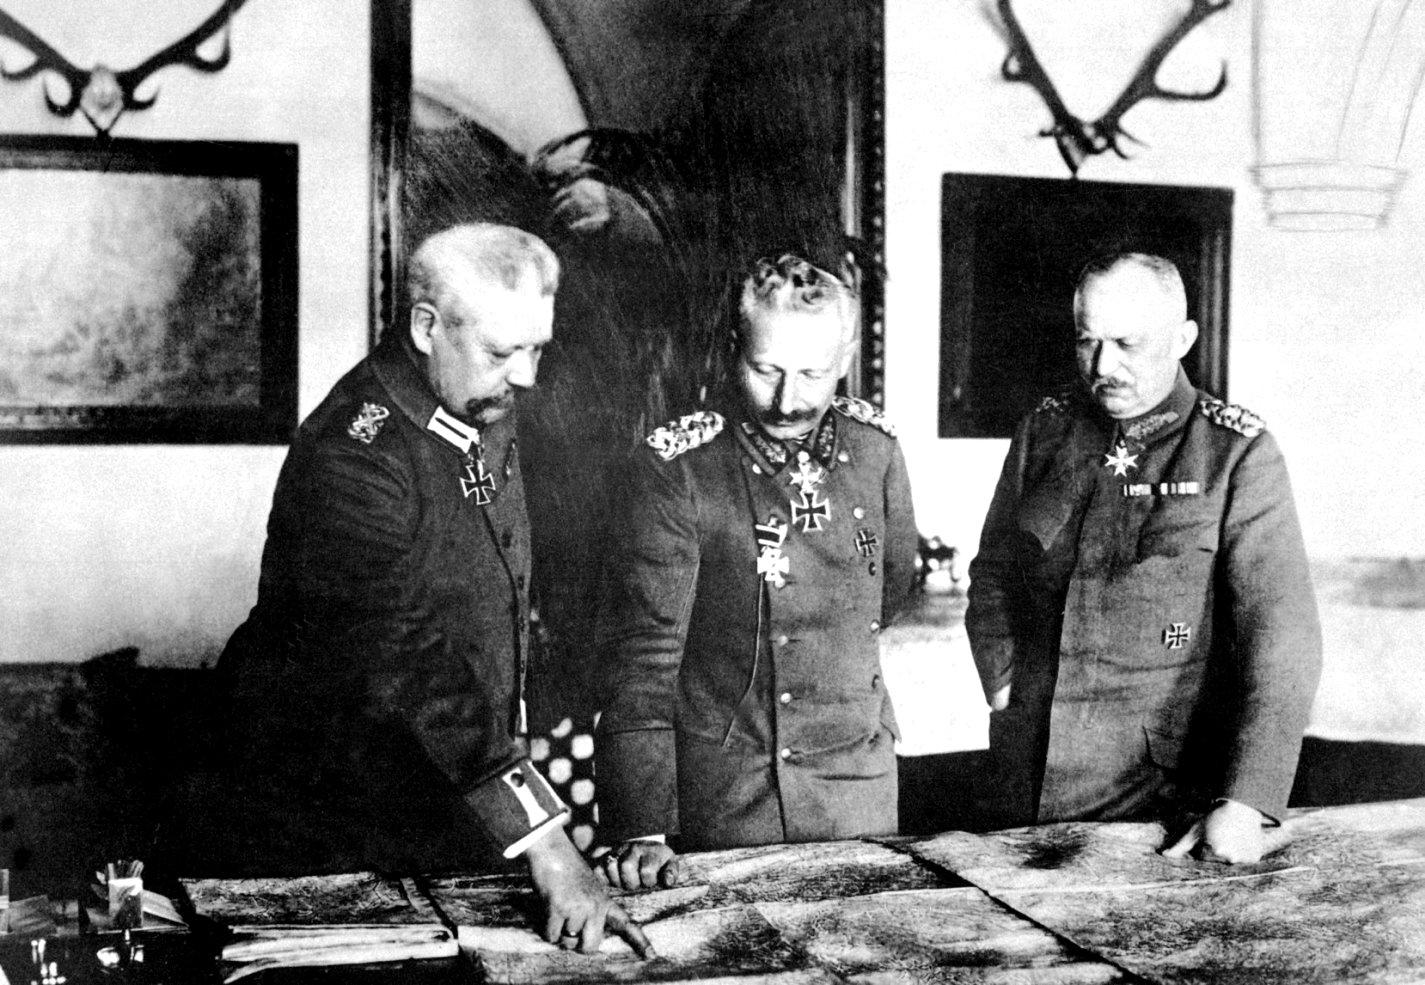 Bár semmi beleszólása nem volt a döntésekbe, Vilmos állandóan a főhadiszálláson lábatlankodott. Itt éppen a két legnagyobb germán hadistennel, Hindenburggal és Ludendorffal pózol a fotósnak.